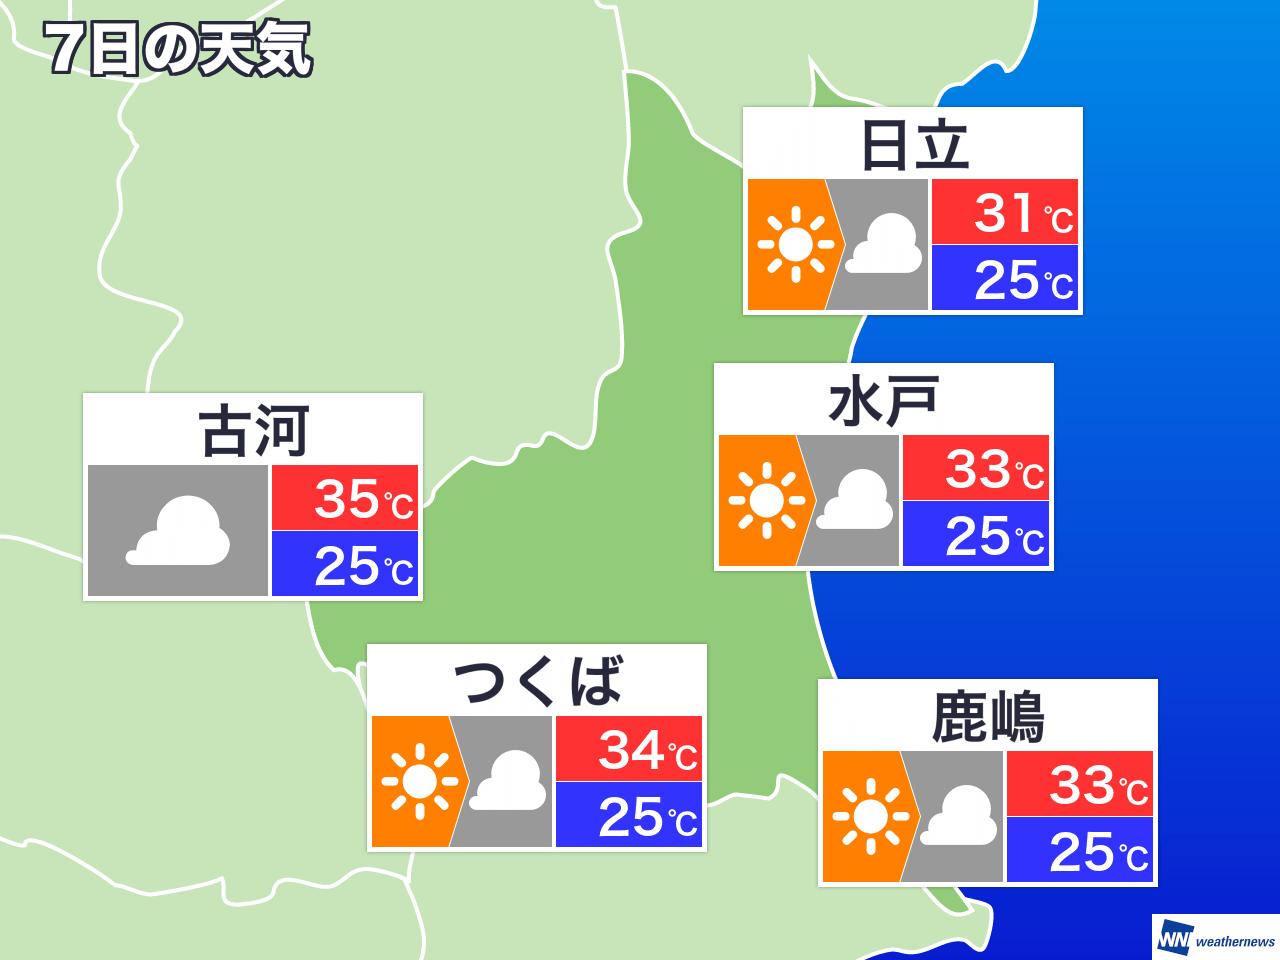 10月10日(木) 茨城県の今日の天気 - ウェザーニュース